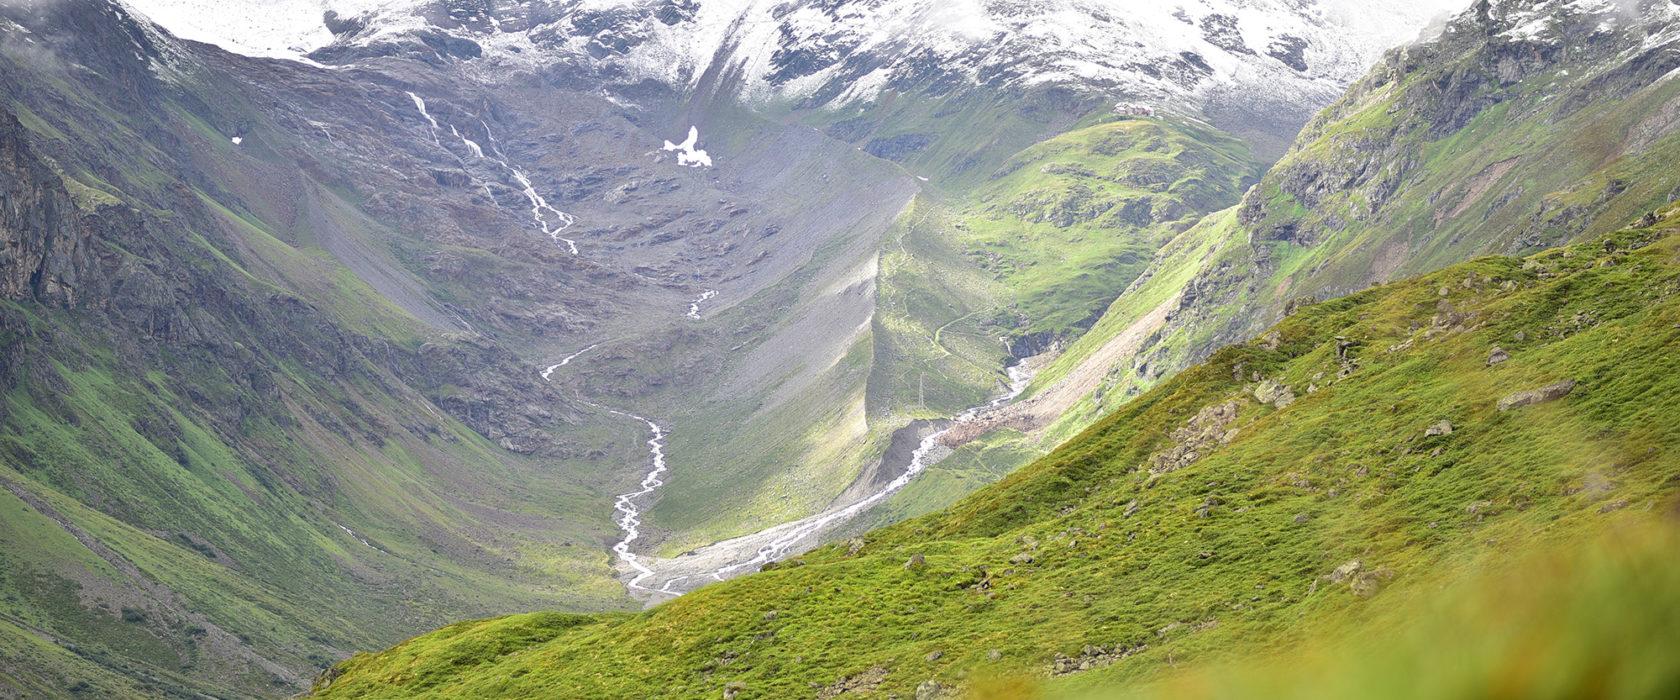 Pitz Alpine Glacier Trail 2017